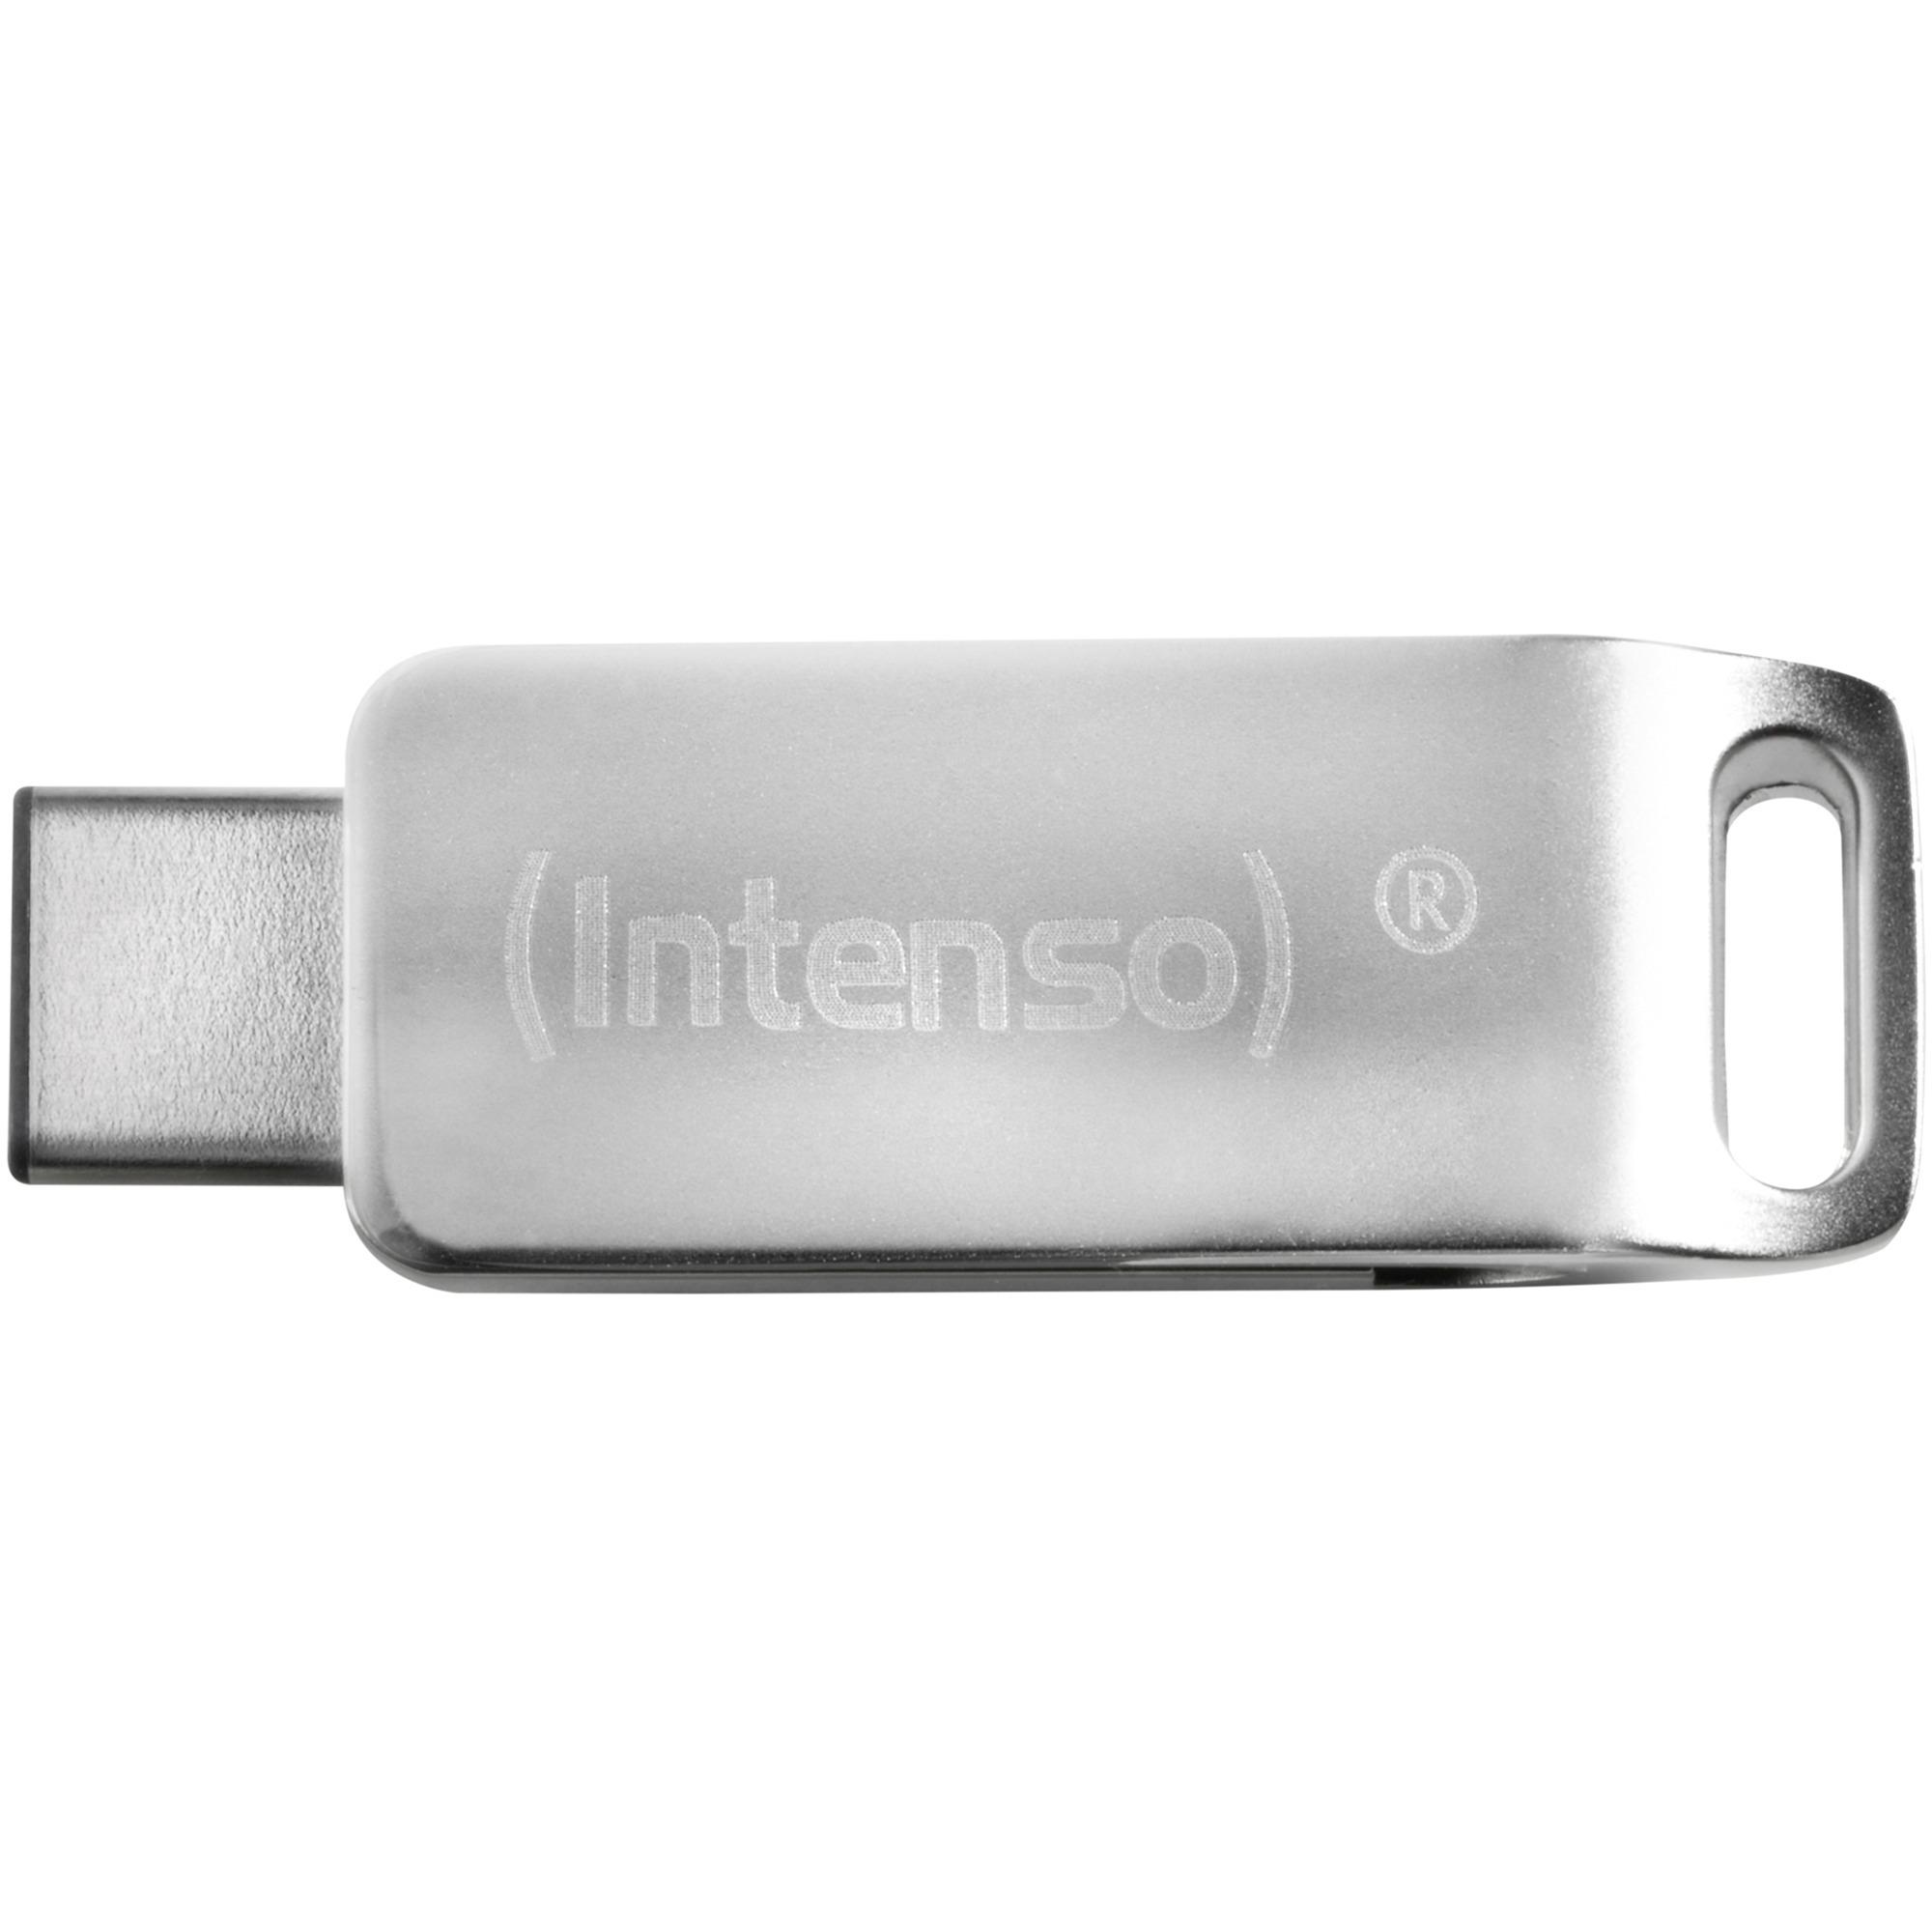 32GB cMobile Line unidad flash USB 3.0 (3.1 Gen 1) Conector de USB tipo C Plata, Lápiz USB